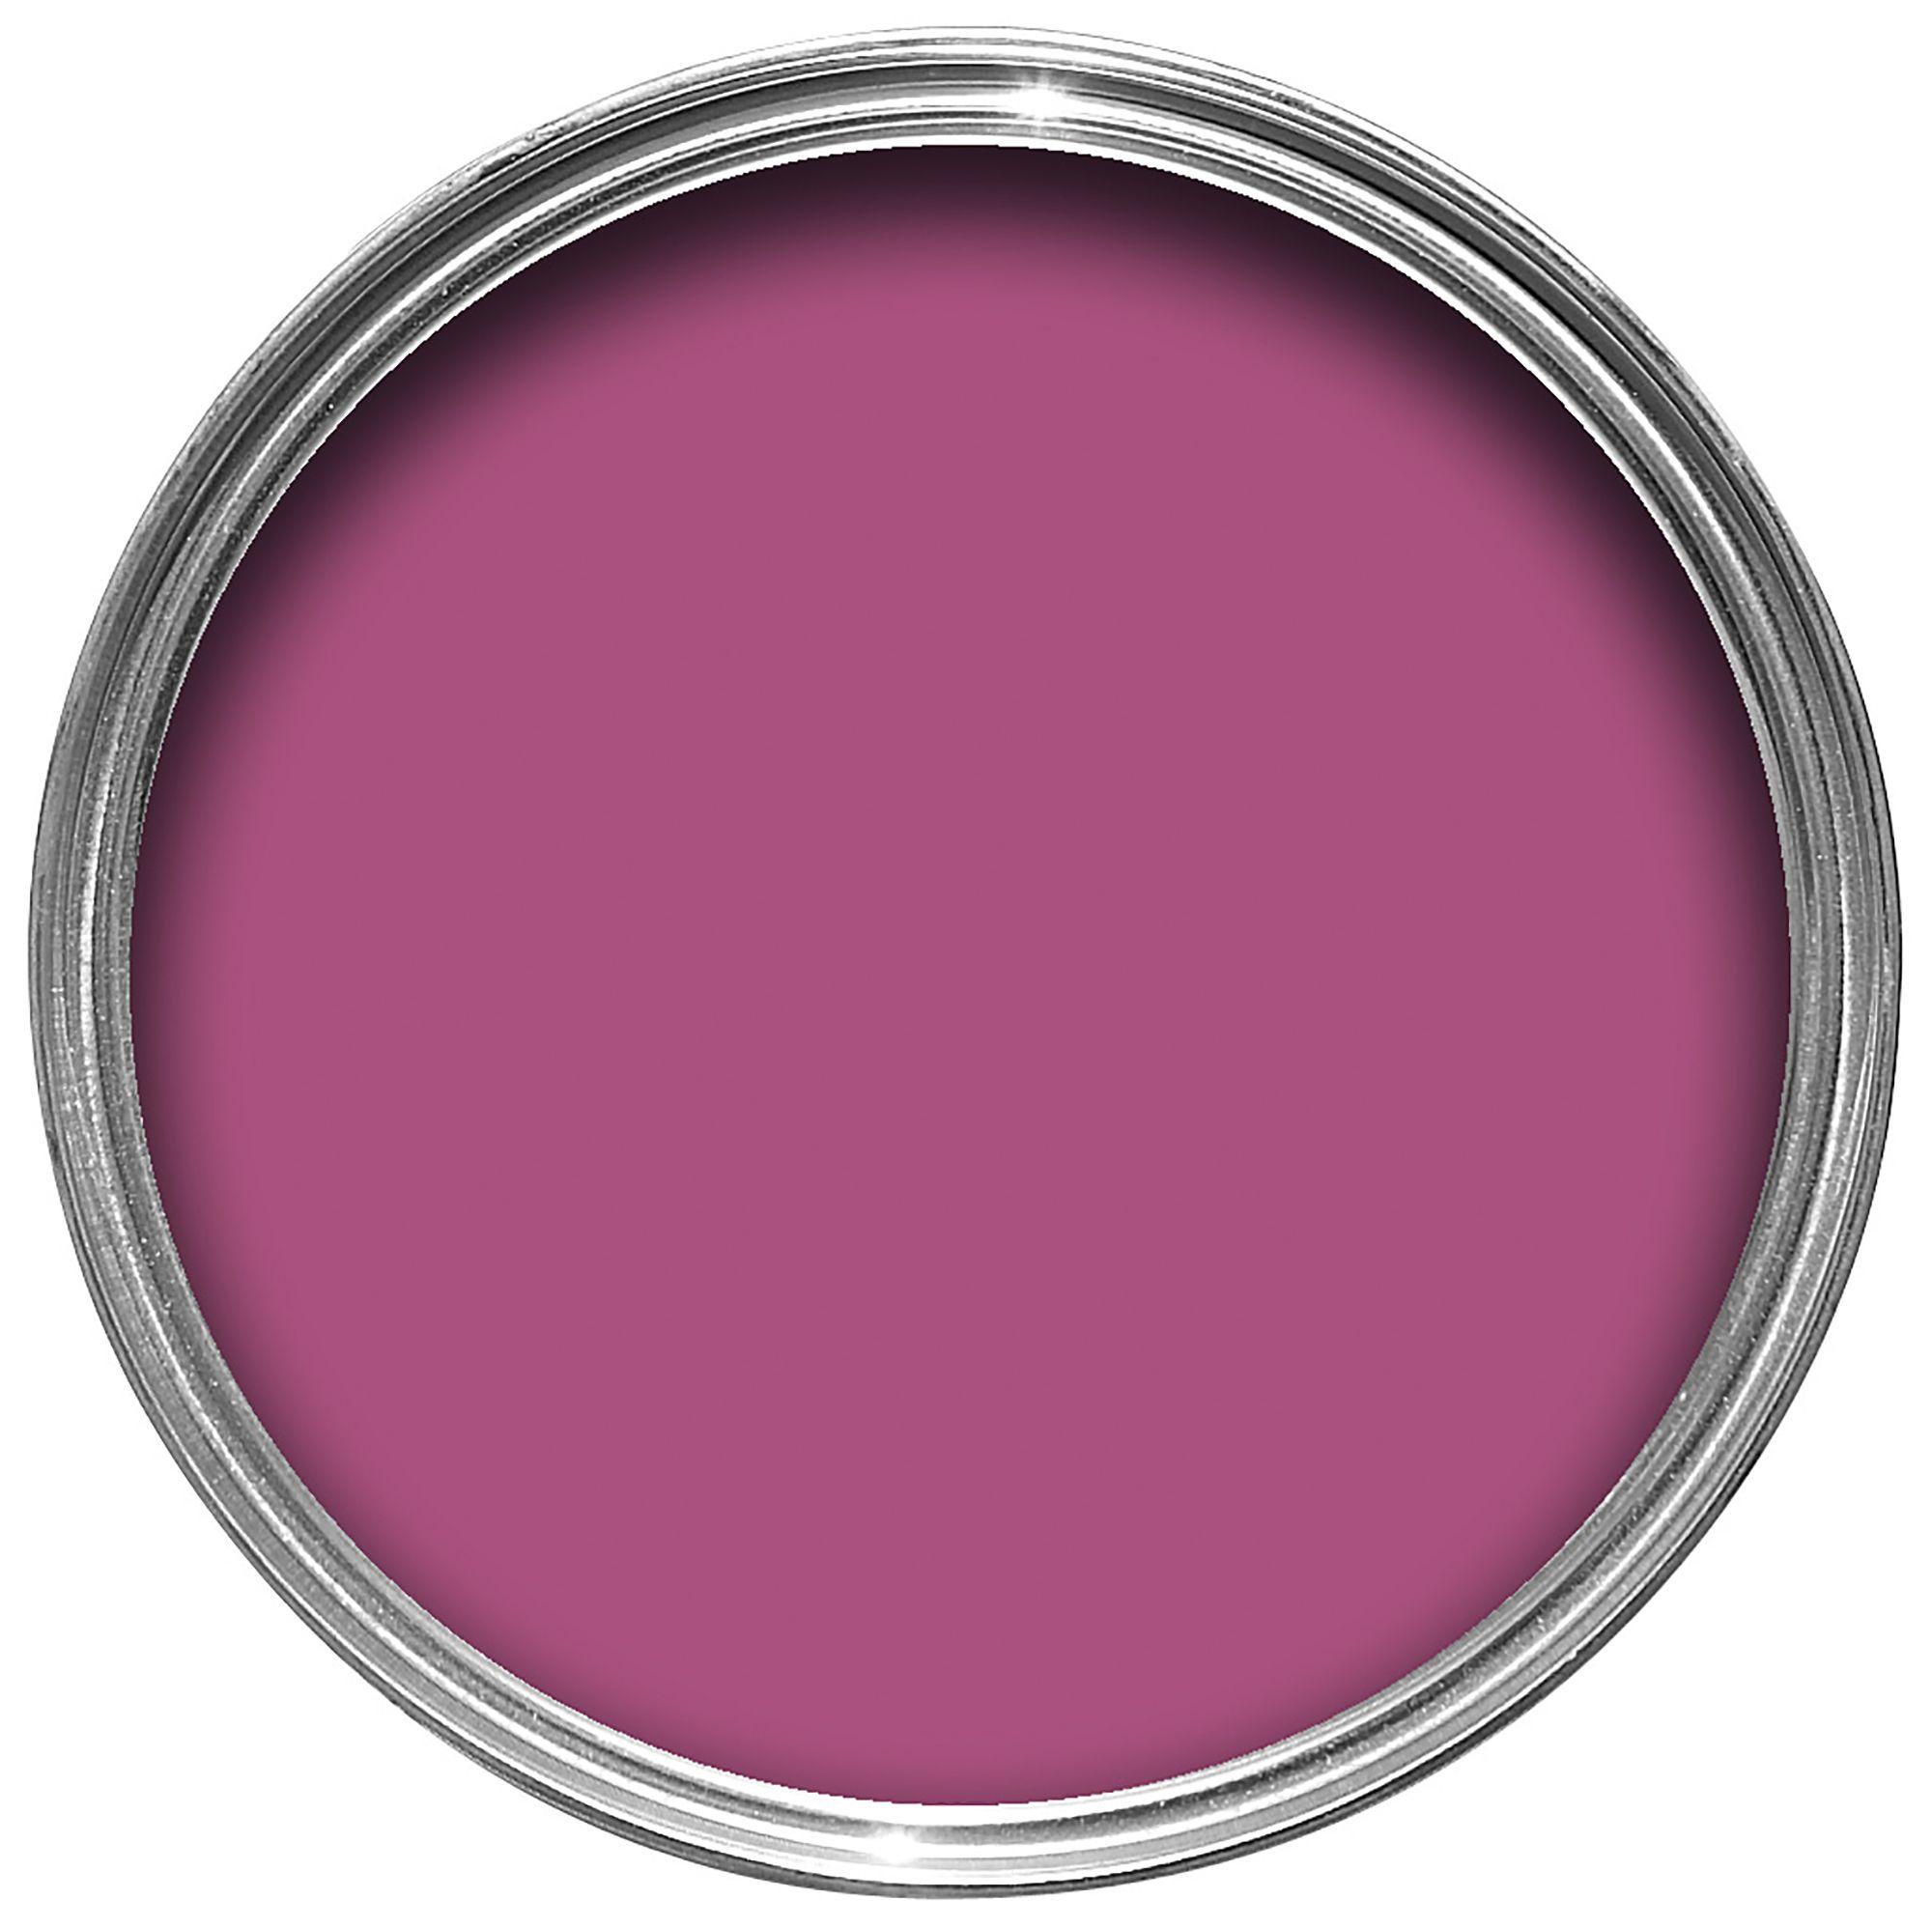 Colours Playful Pink Silk Emulsion Paint 2.5L